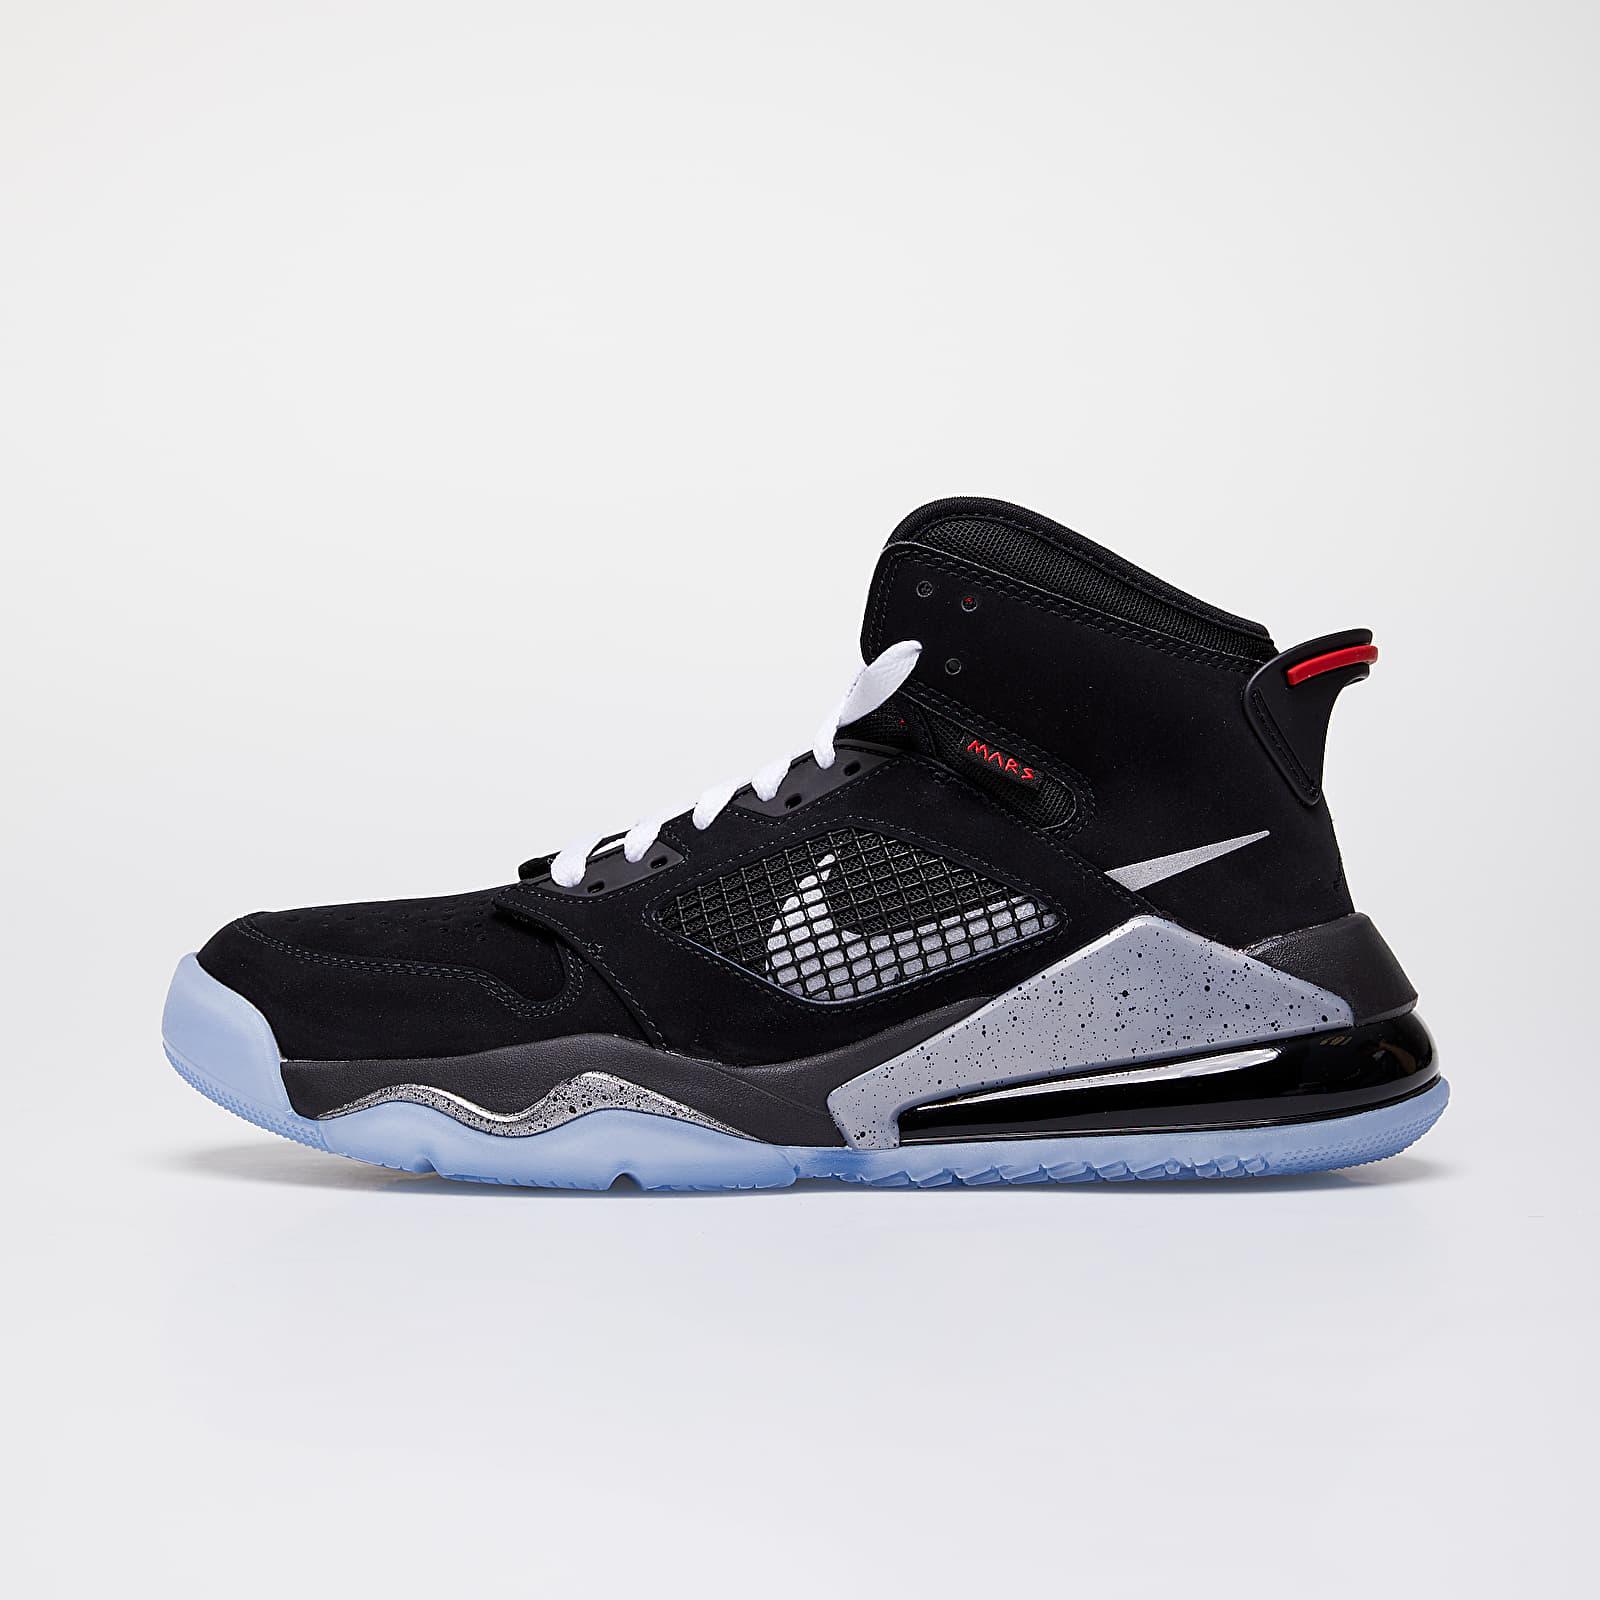 Pánske tenisky a topánky Jordan Mars 270 Black/ Reflect Silver-Fire Red-White